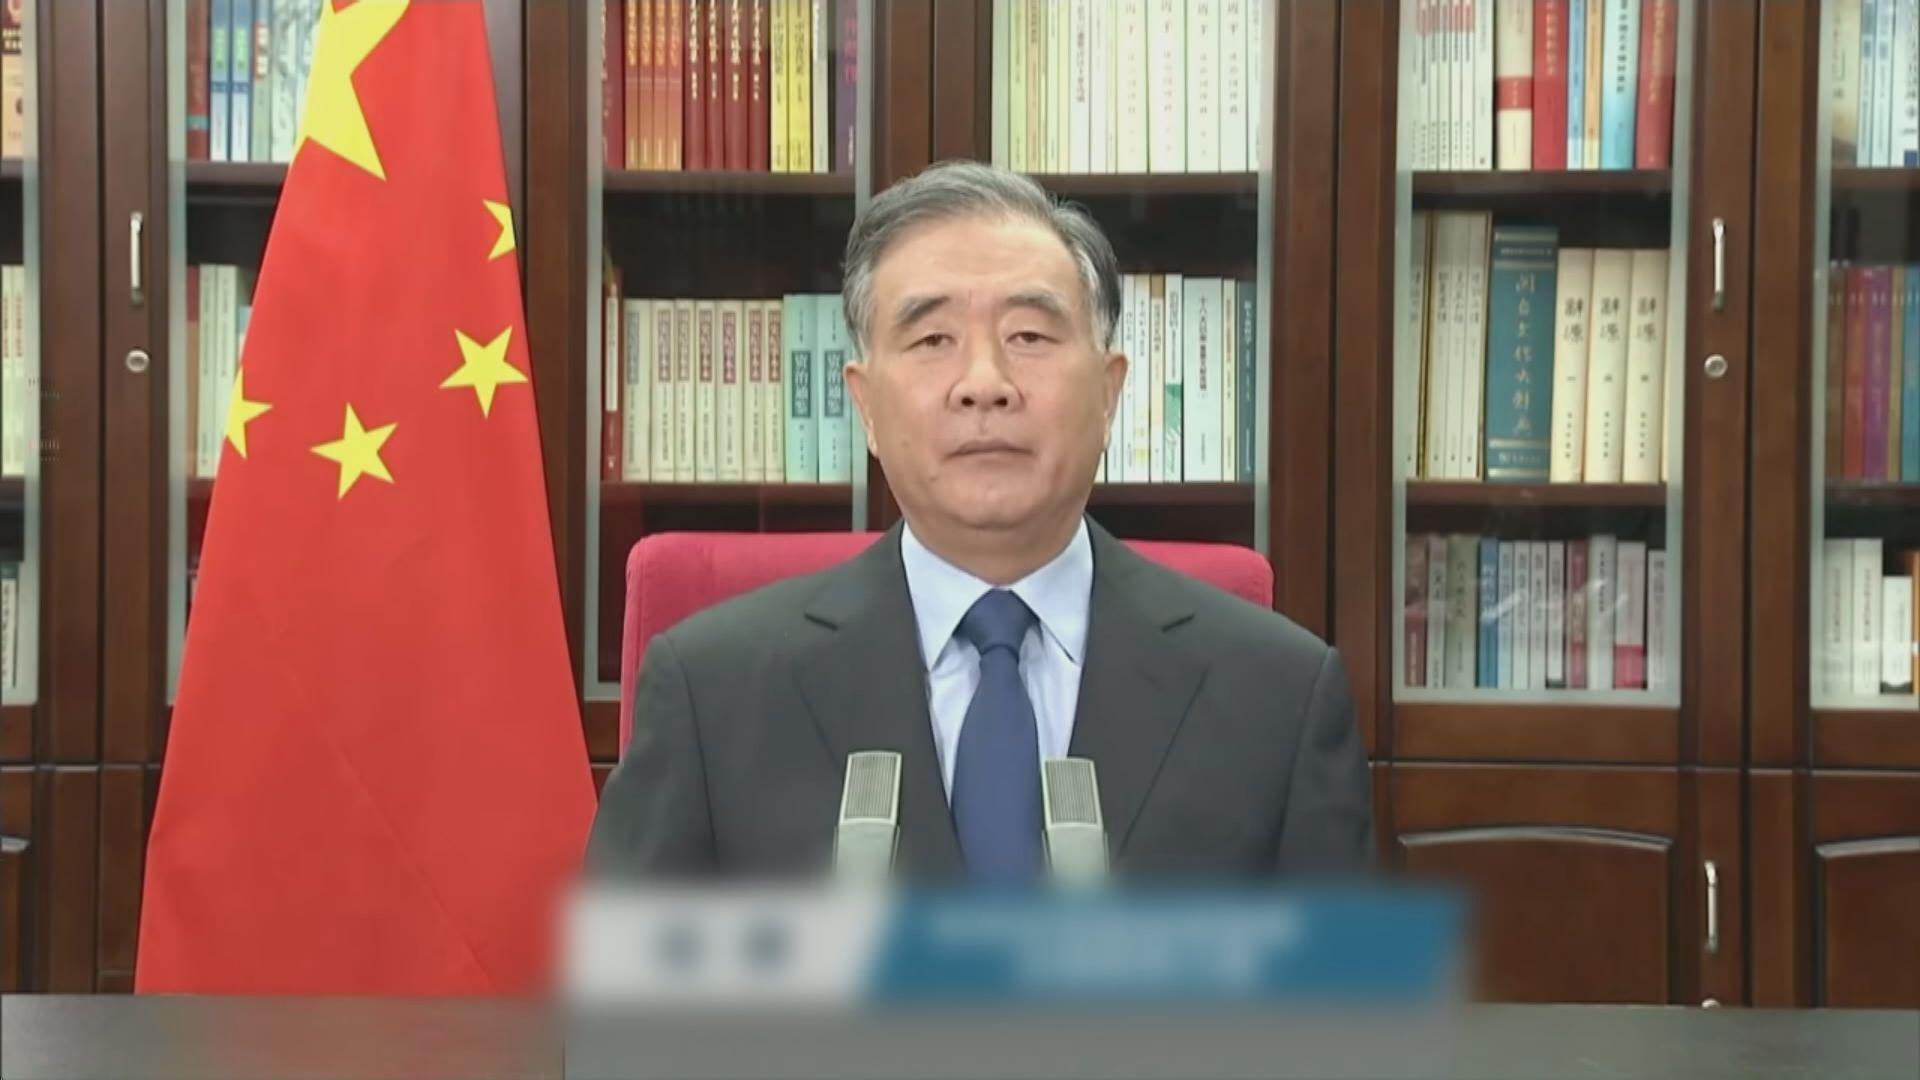 汪洋重申台獨是絕路 在某些外部勢力眼中台灣只是棋子